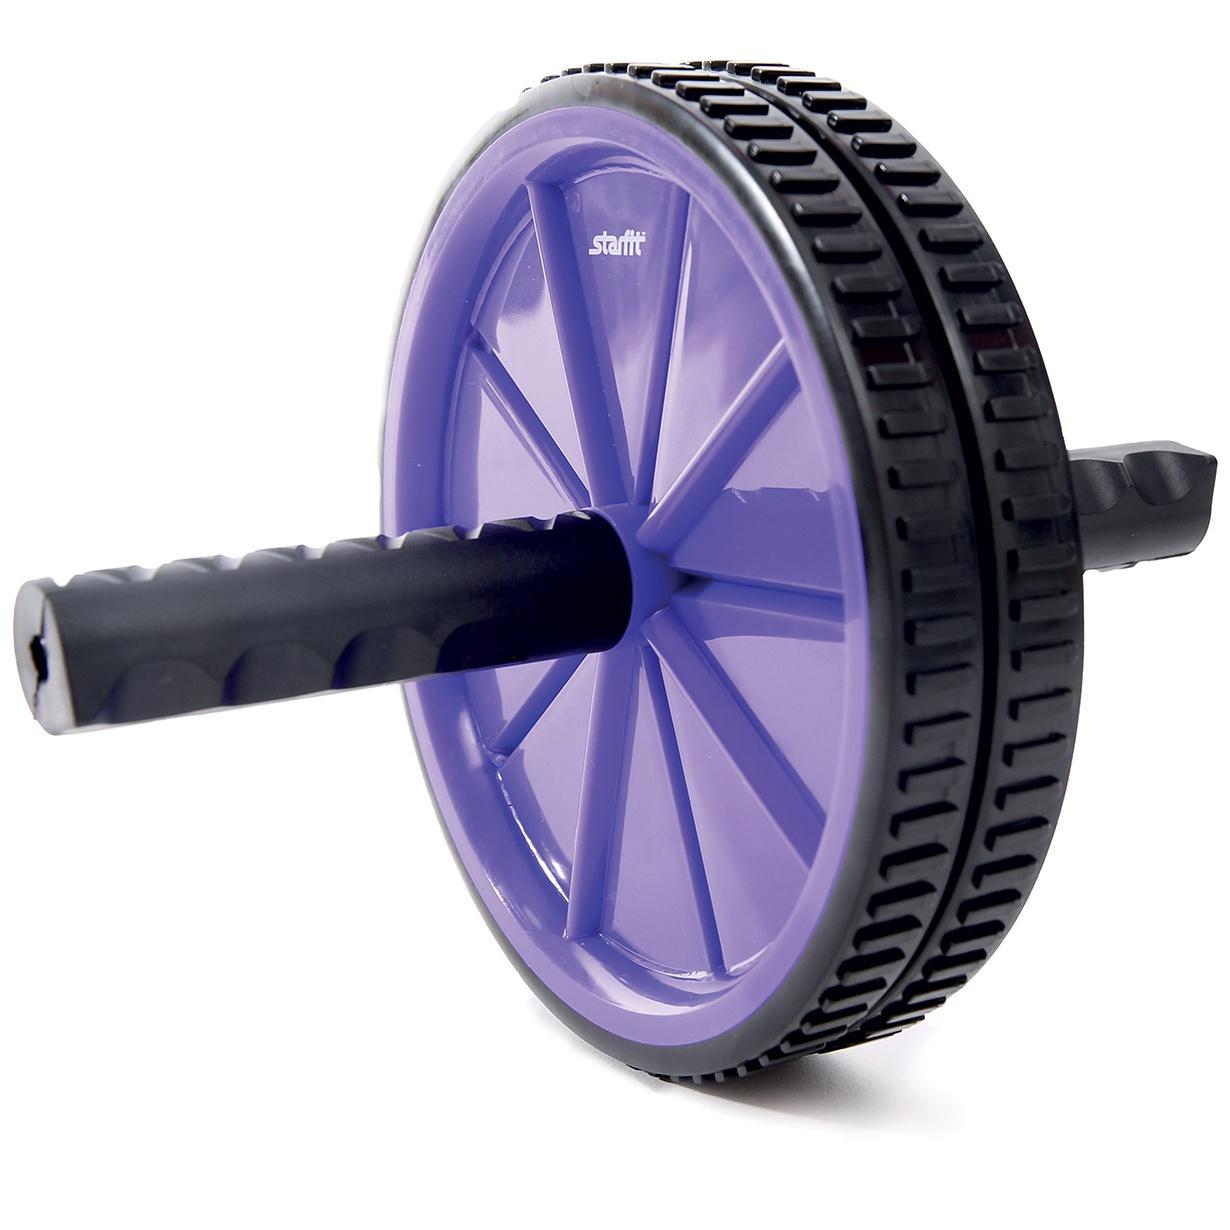 все цены на Ролик для пресса STARFIT RL-101, фиолетовый/черный онлайн